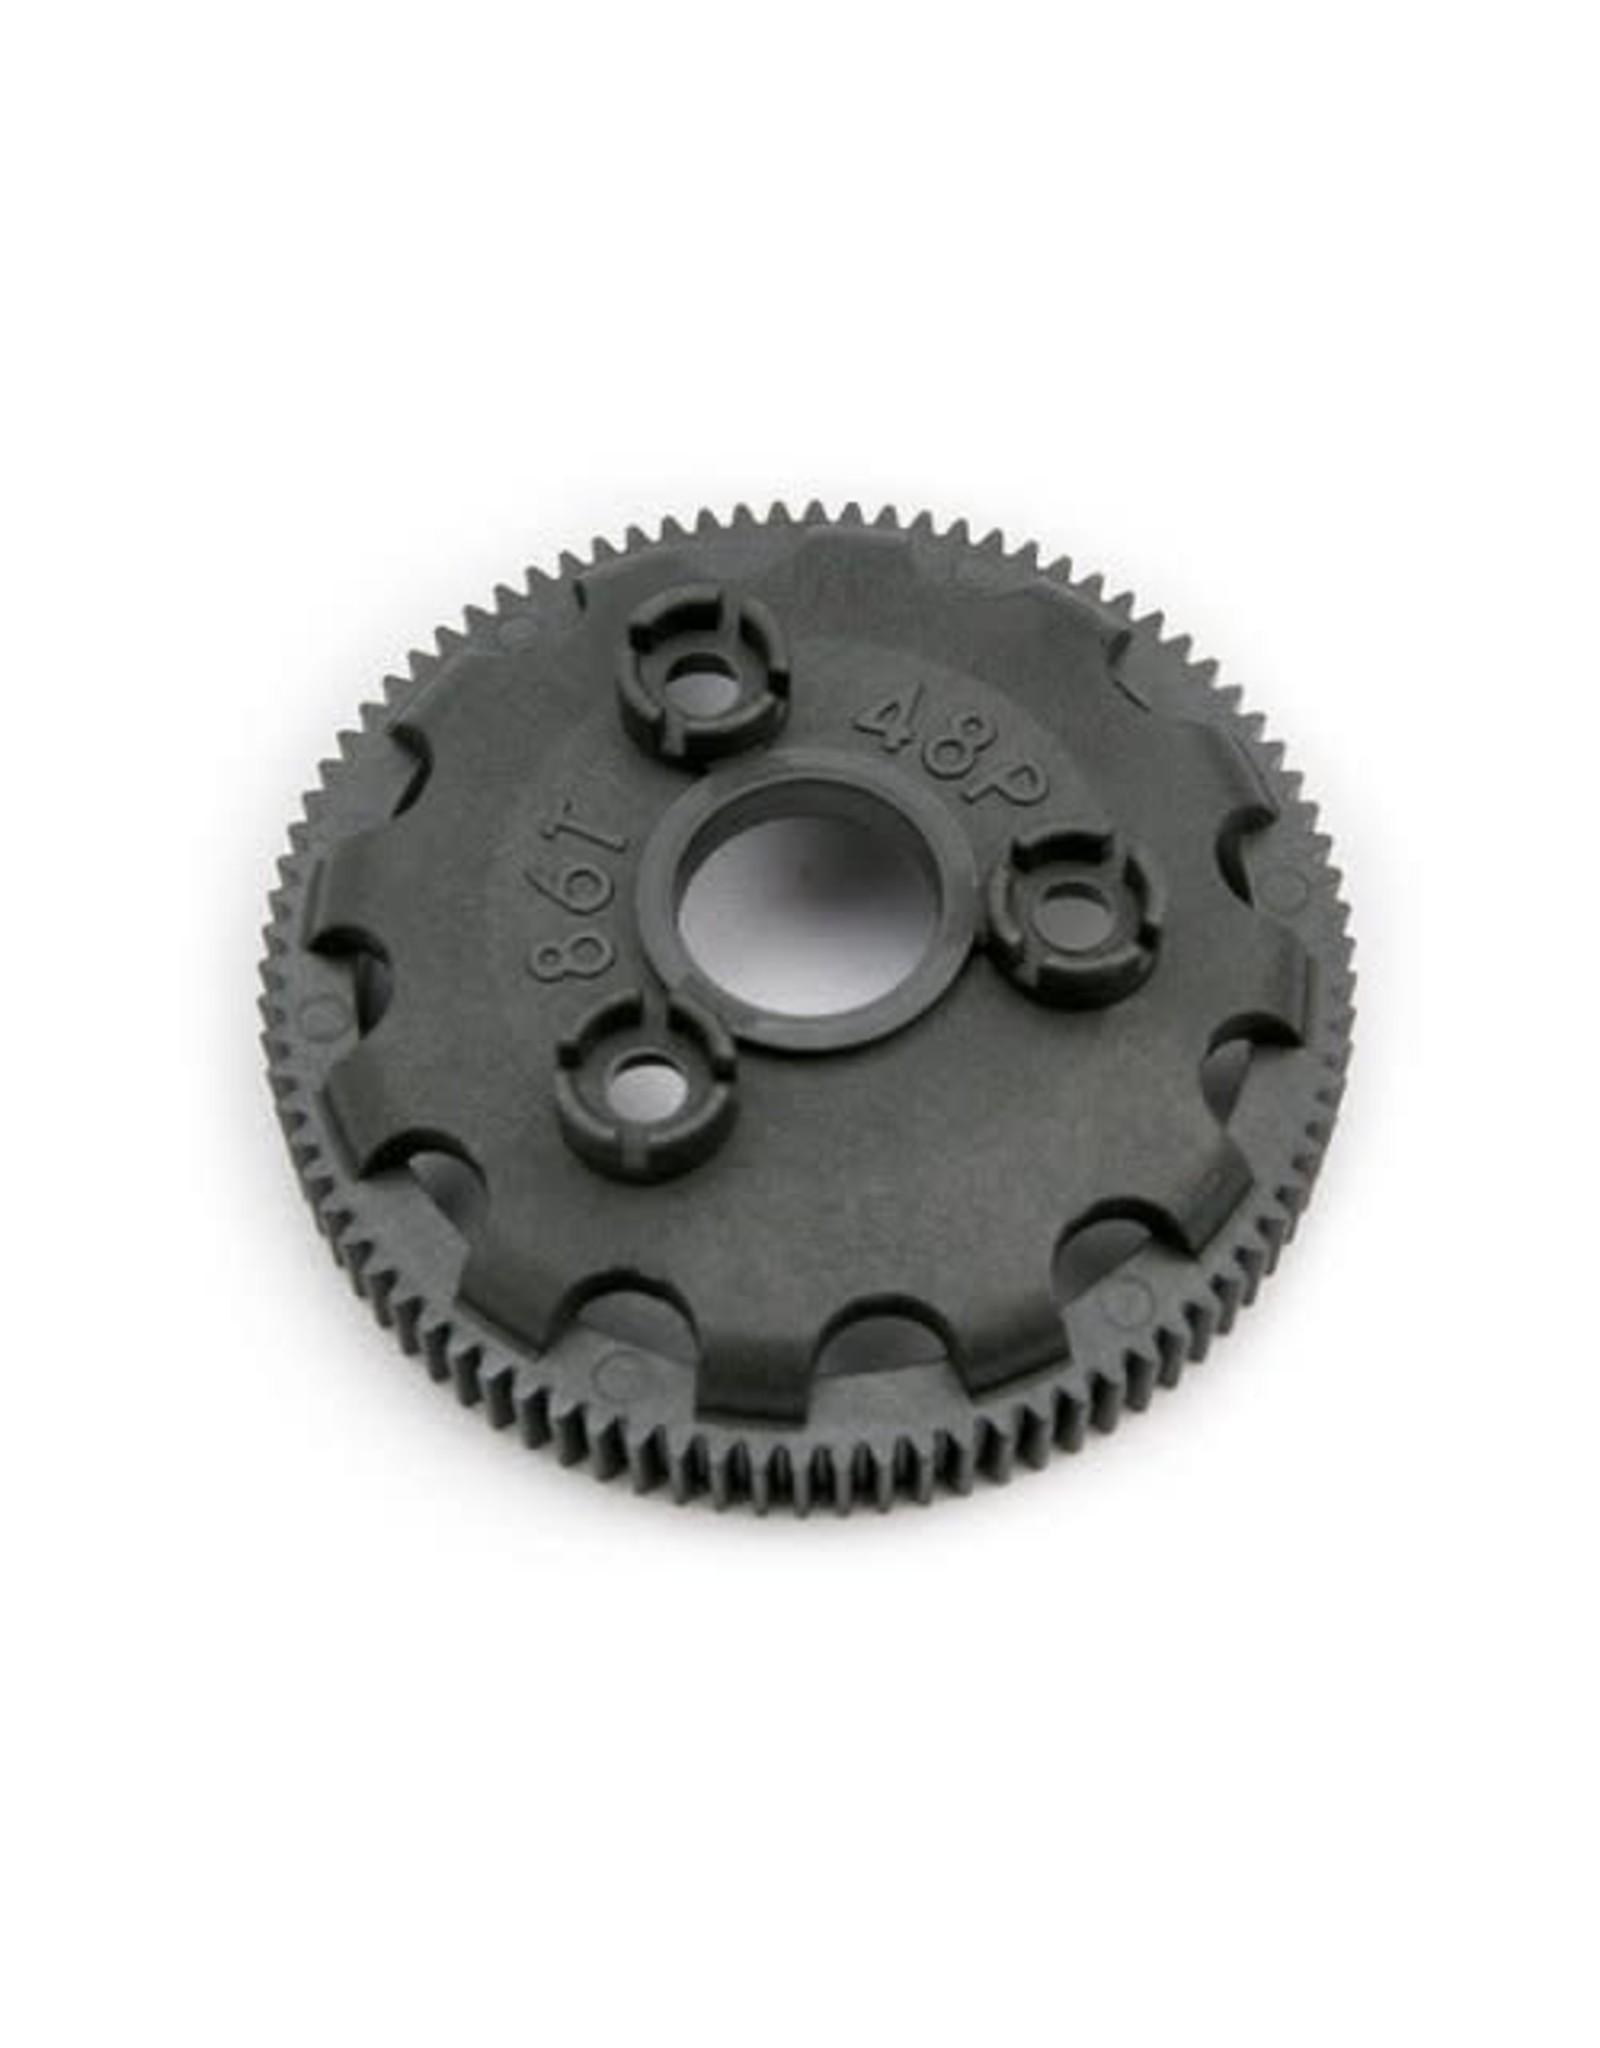 Traxxas 48P Spur Gear,86T : Torque Slipper Clutch  (TRA4686)